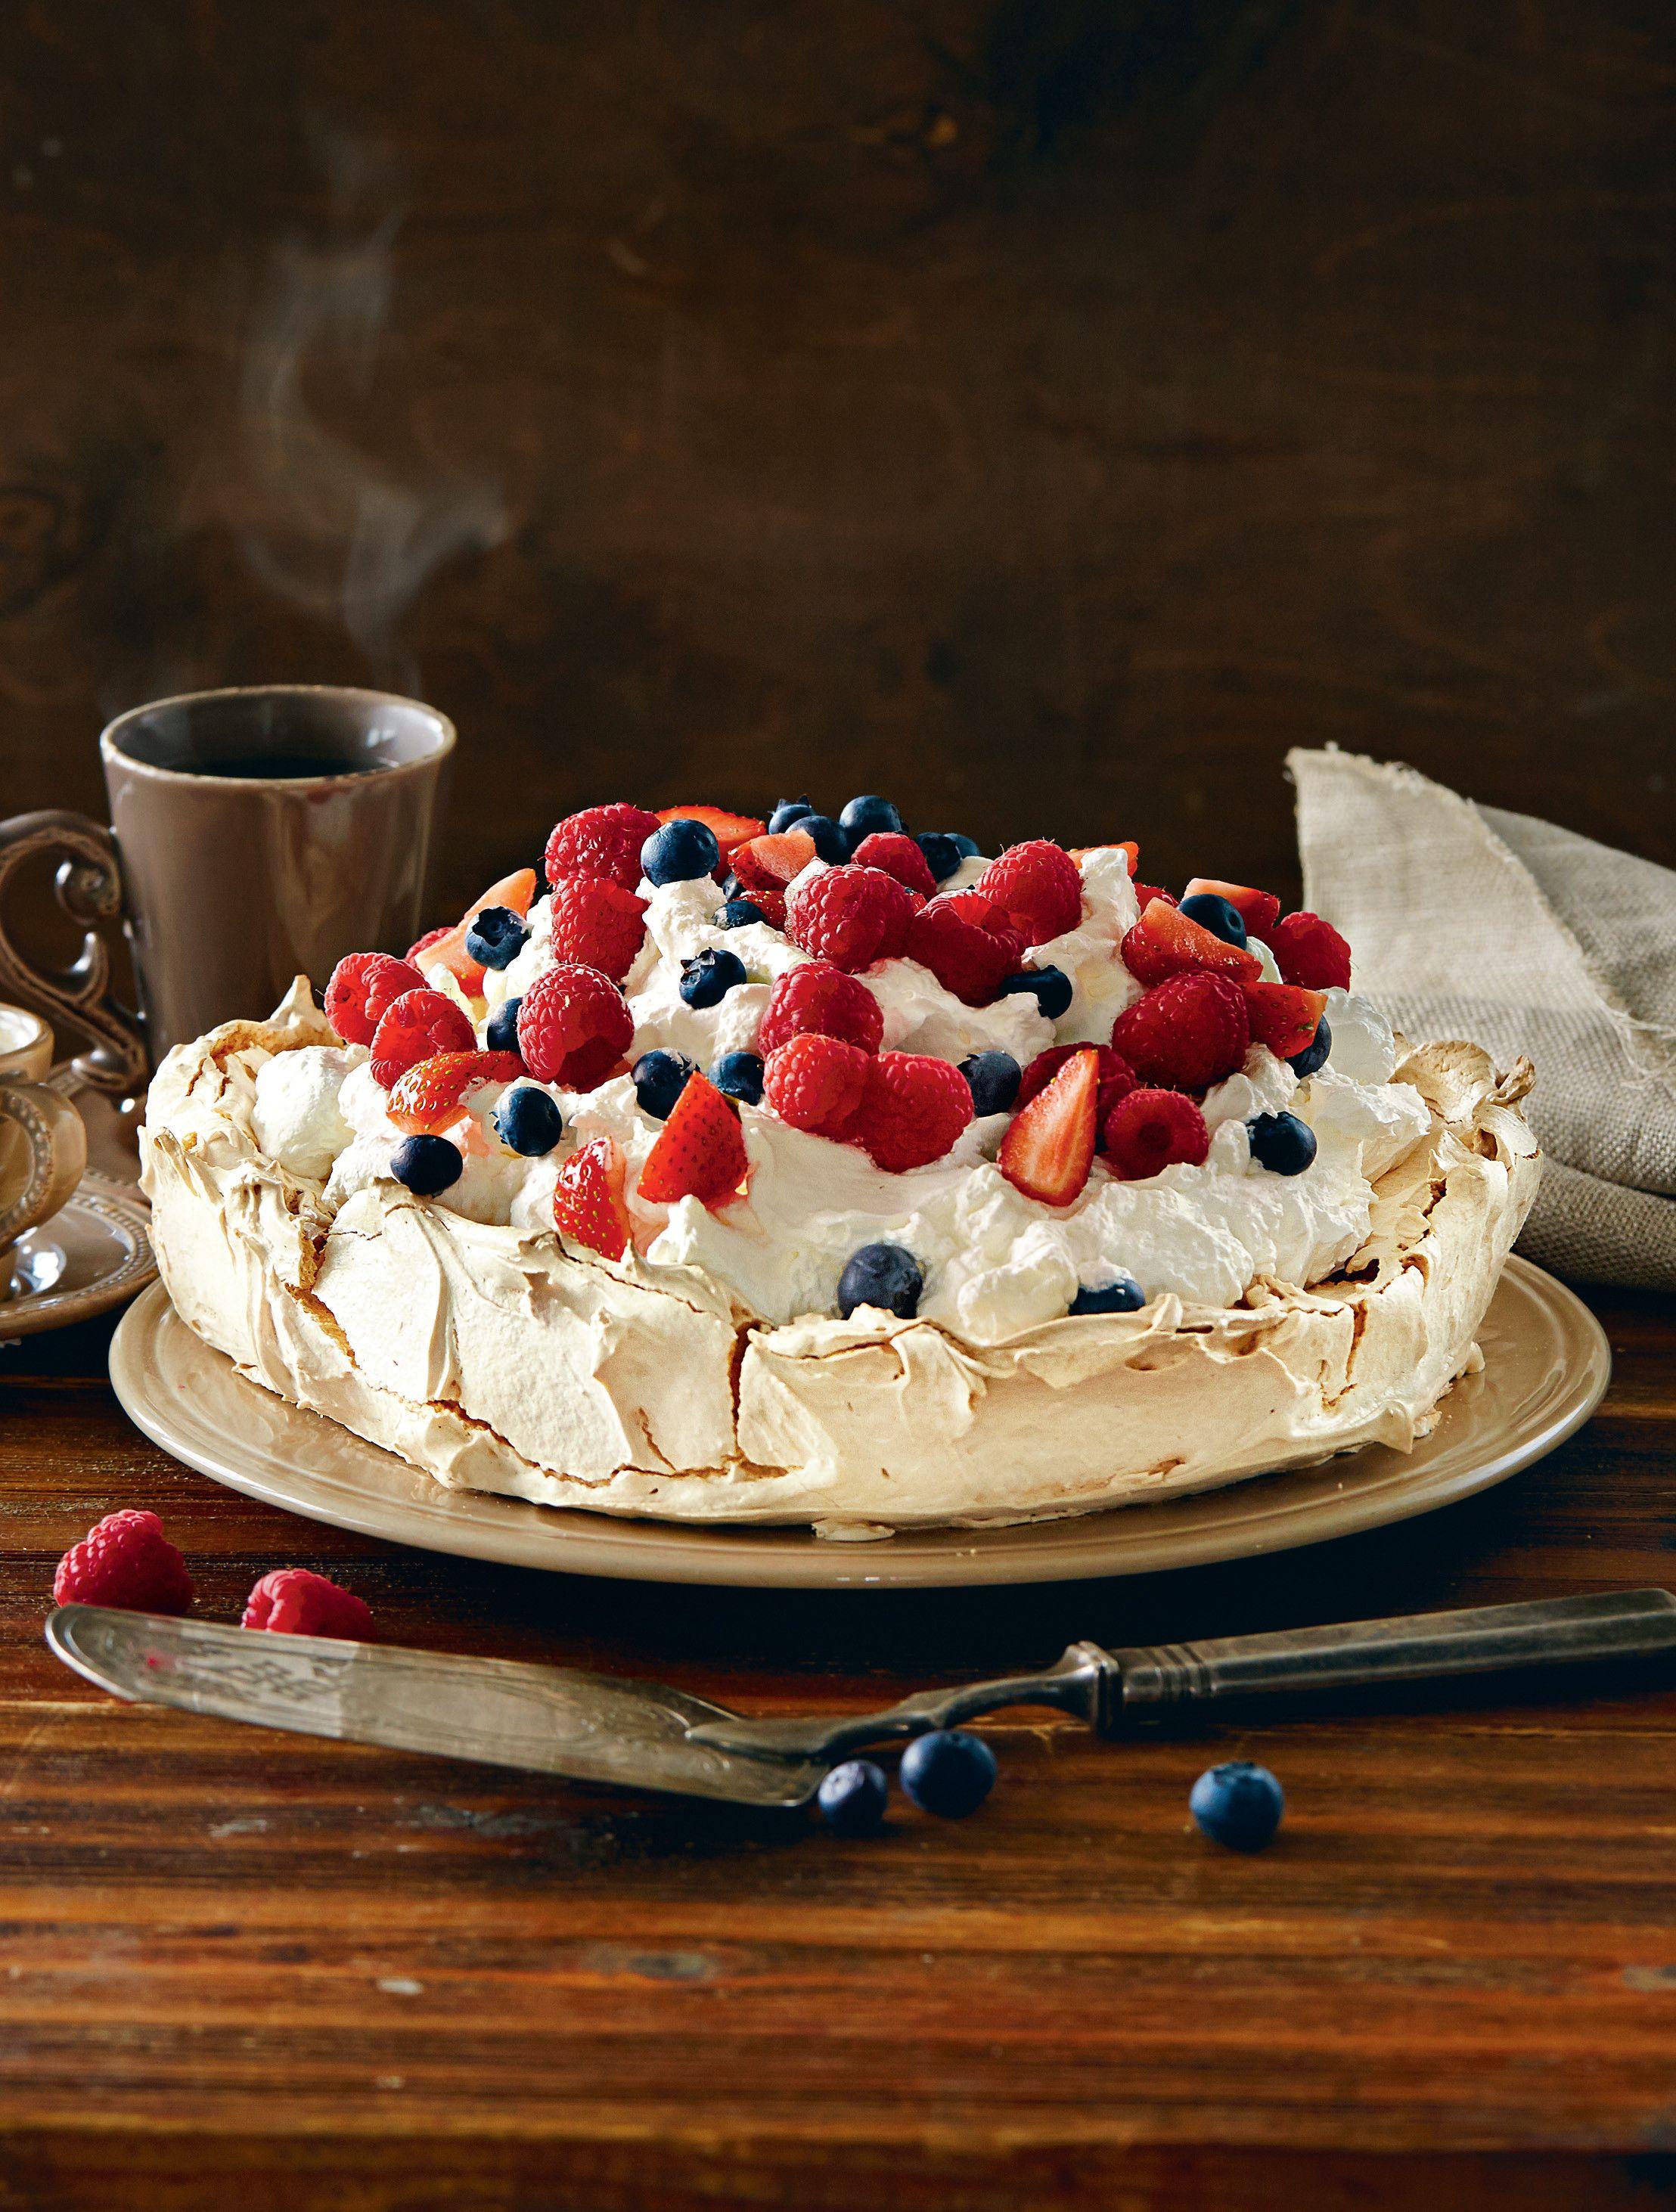 послушная торт анна павлова классический рецепт с фото утверждает, что советский